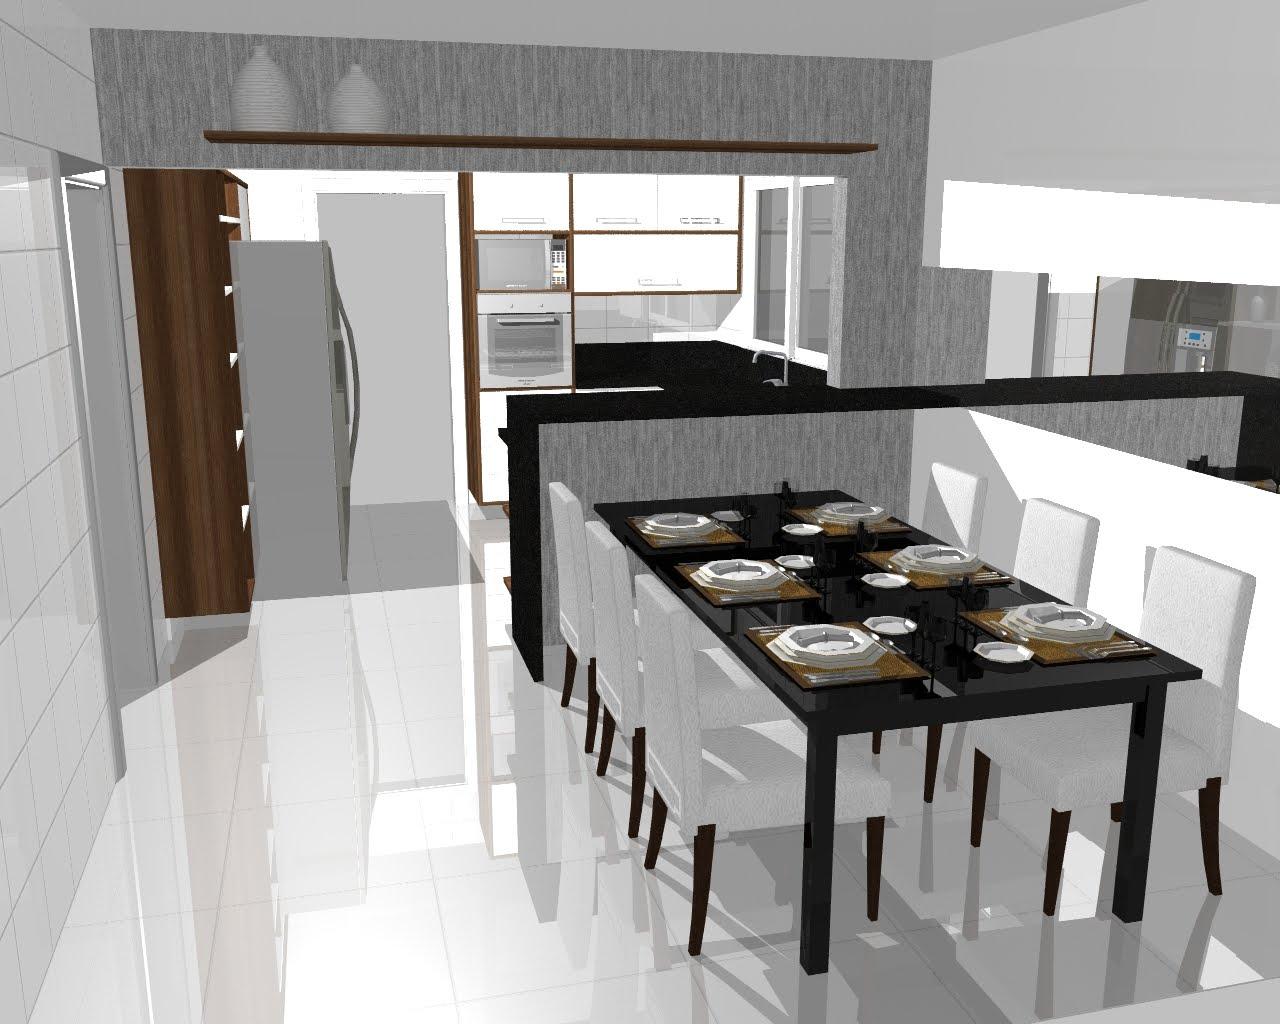 Carolina Lira Design de Interiores: COZINHA INTEGRADA #466D86 1280 1024